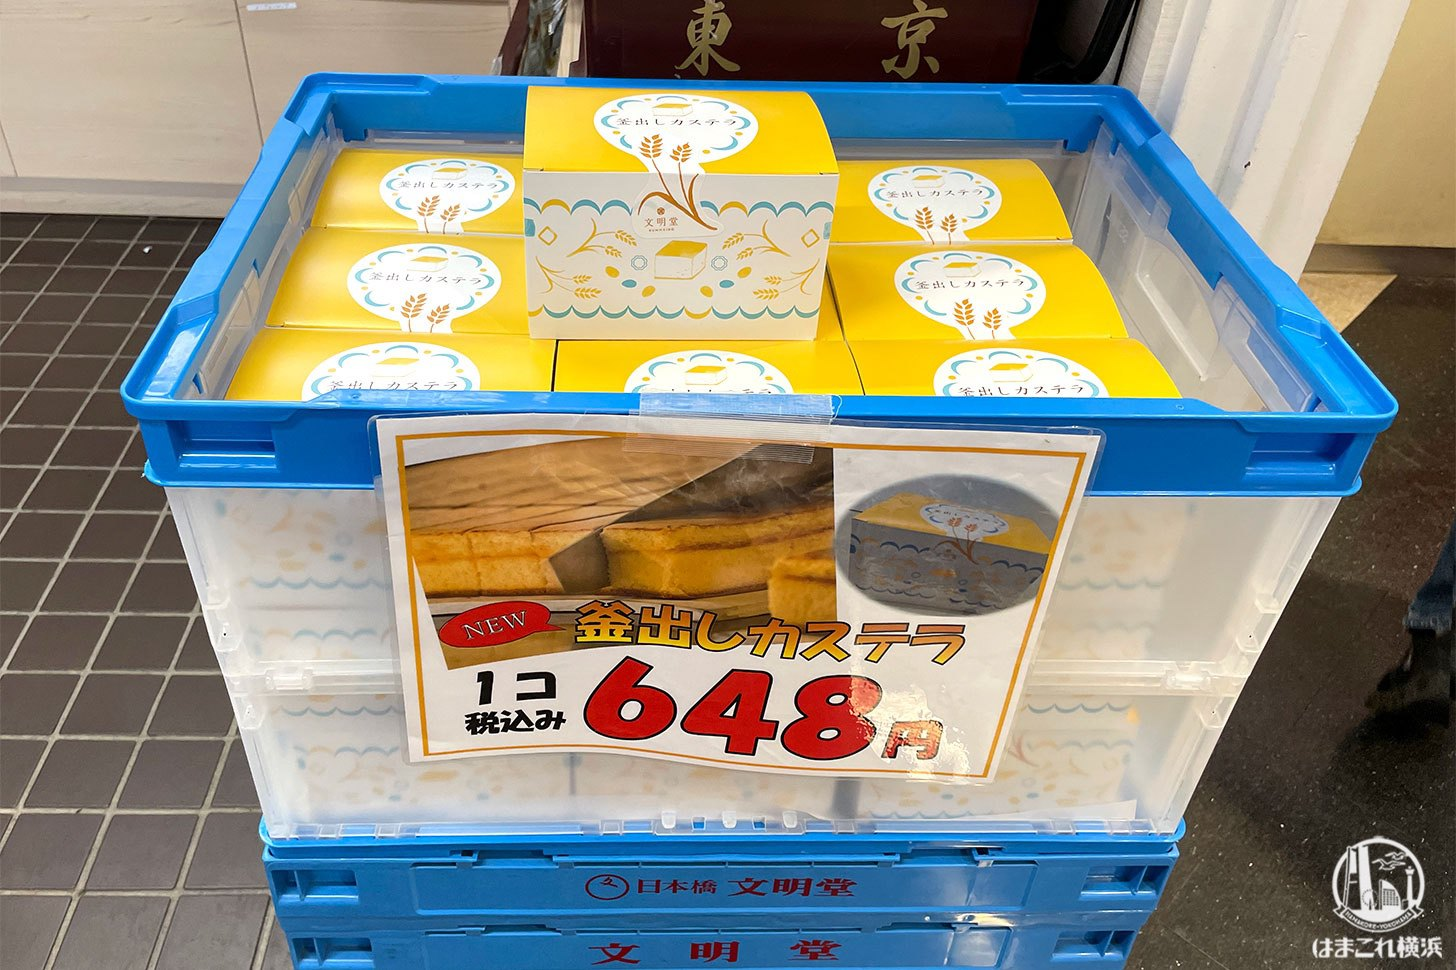 窯出しカステラ 販売のボックス